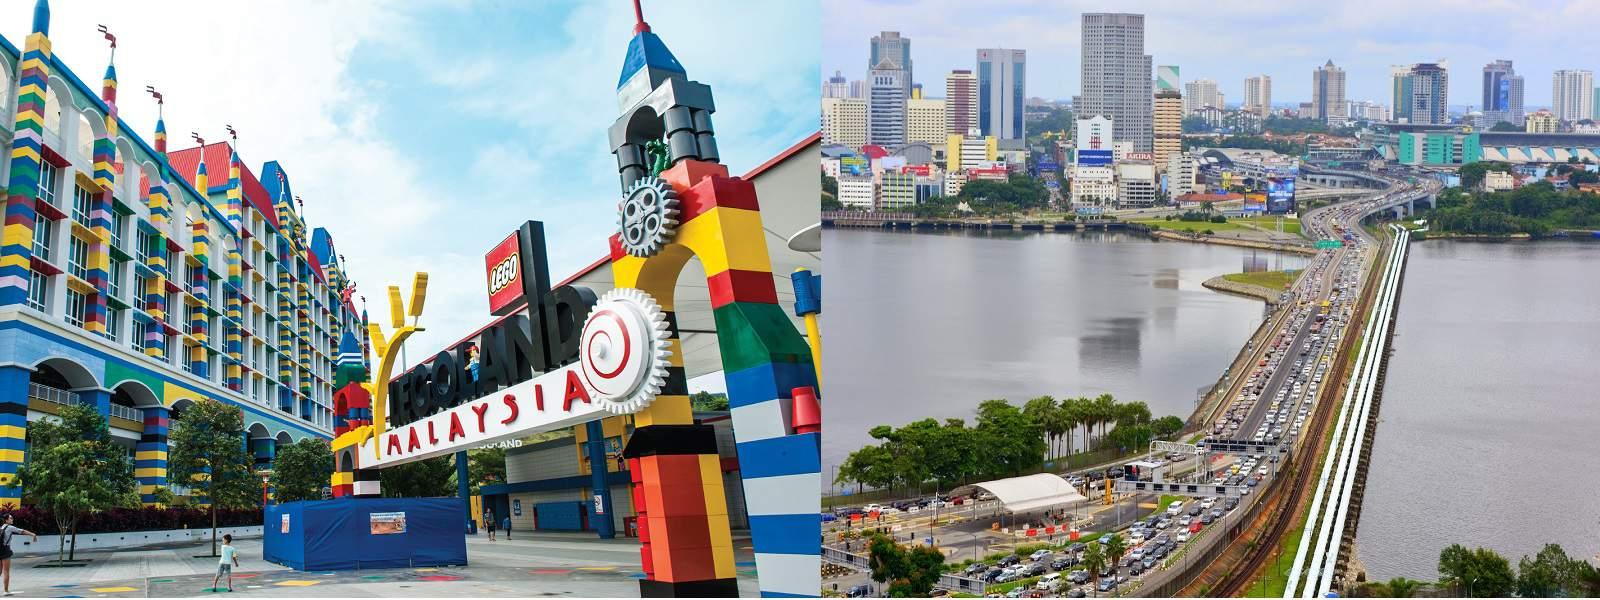 Du lịch Johor Bahru Malaysia